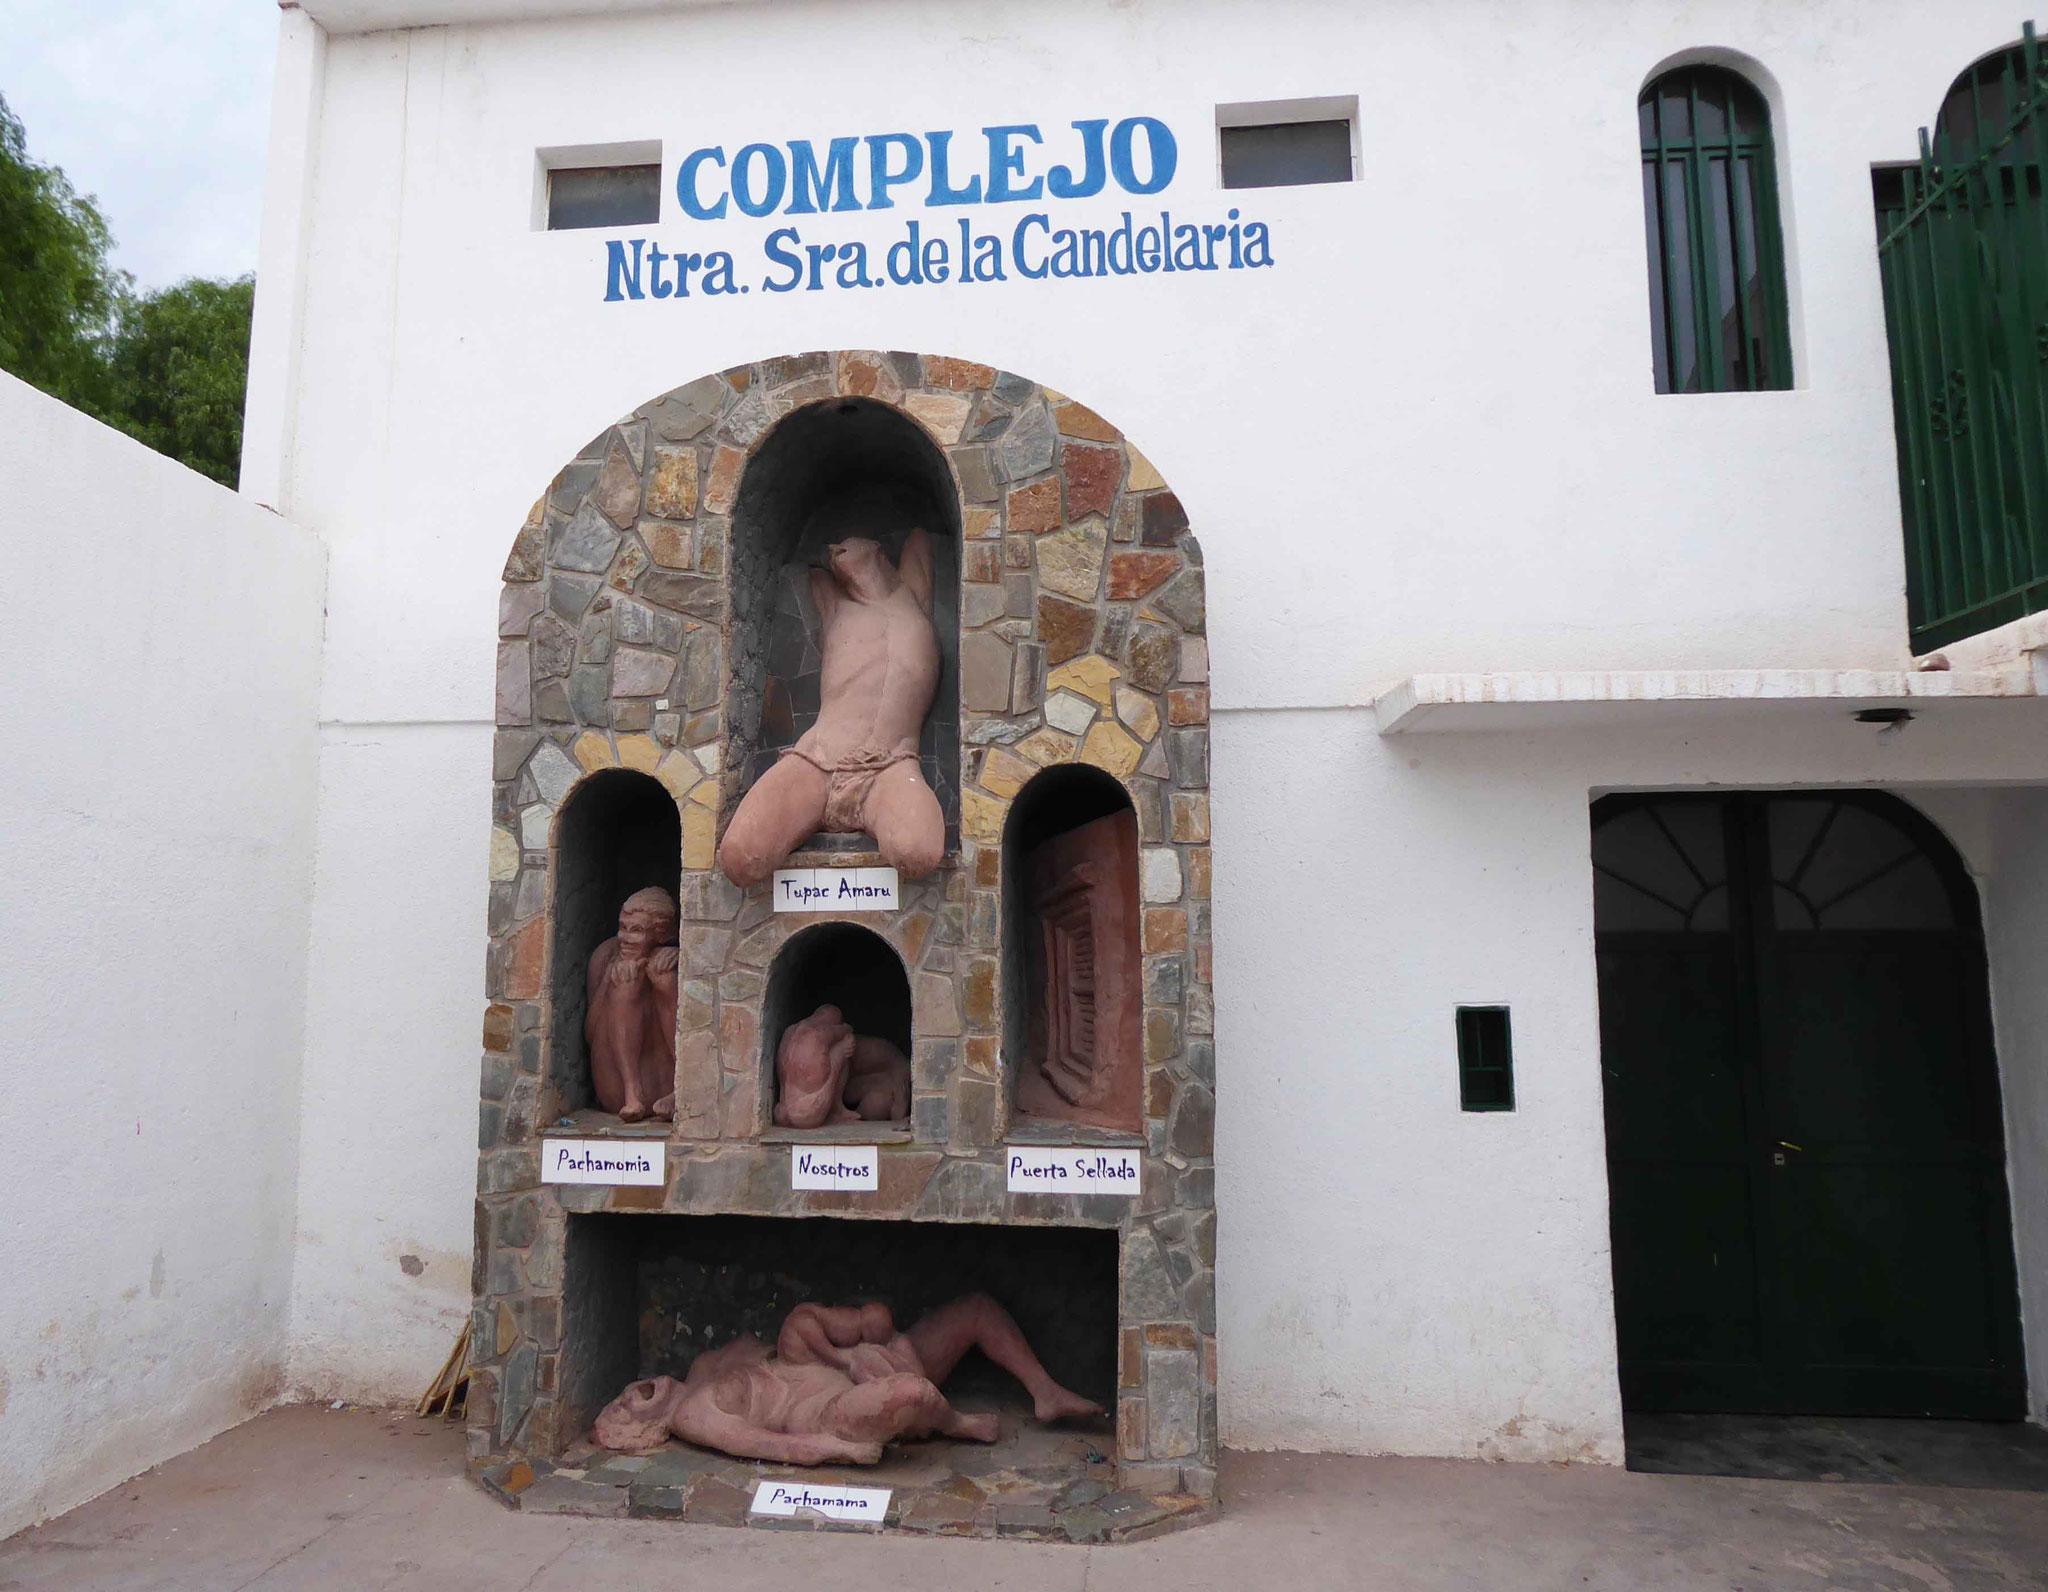 Monument dédié à la Pachamama (Terre-Mère) et à la révolte des Incas (Tupac Amaru)